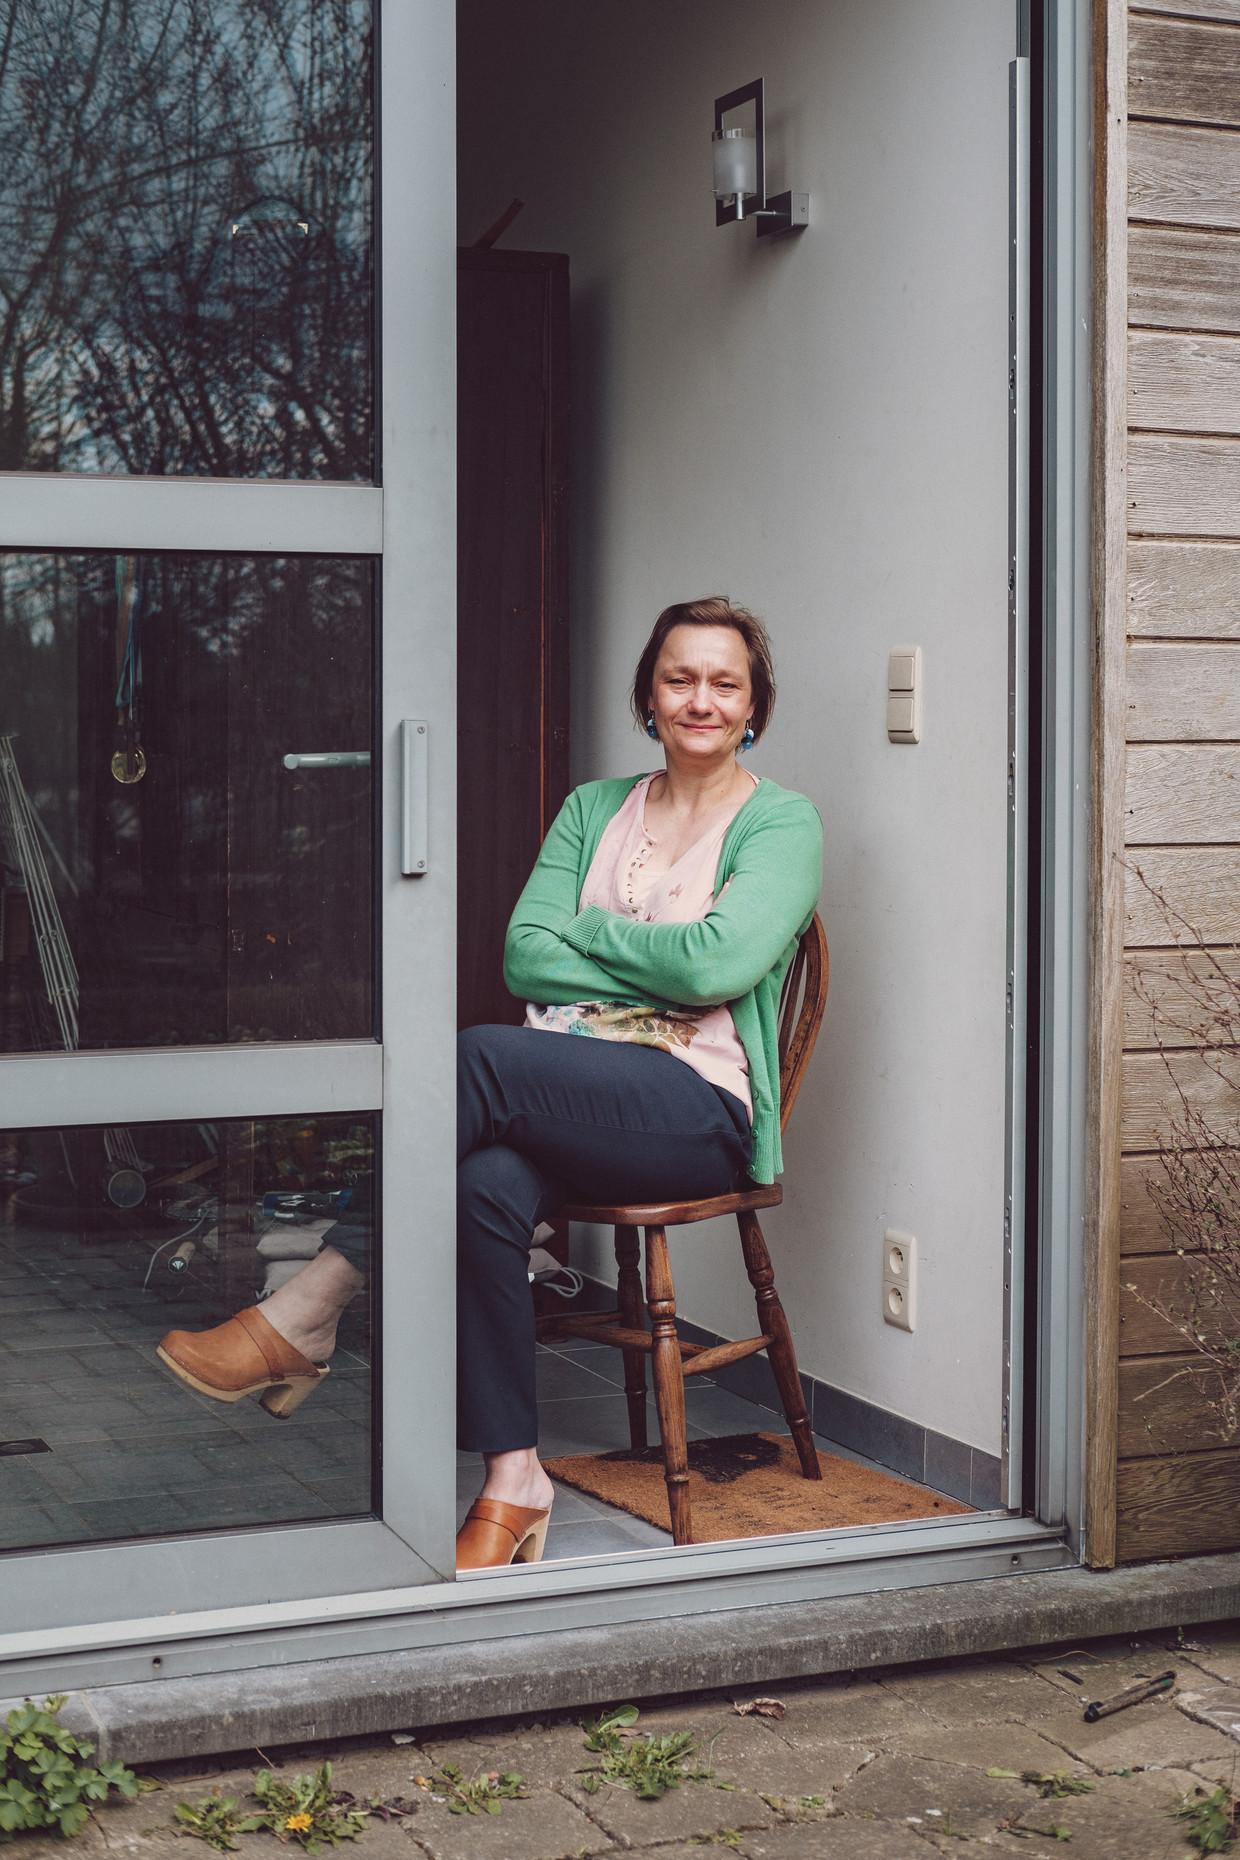 Erika Vlieghe: 'Het is belangrijk om eerlijk te communiceren. Als het nieuws slecht is, moet je dat ook zeggen – maar ook wat je er vervolgens aan wil doen.' Beeld Wouter Van Vooren